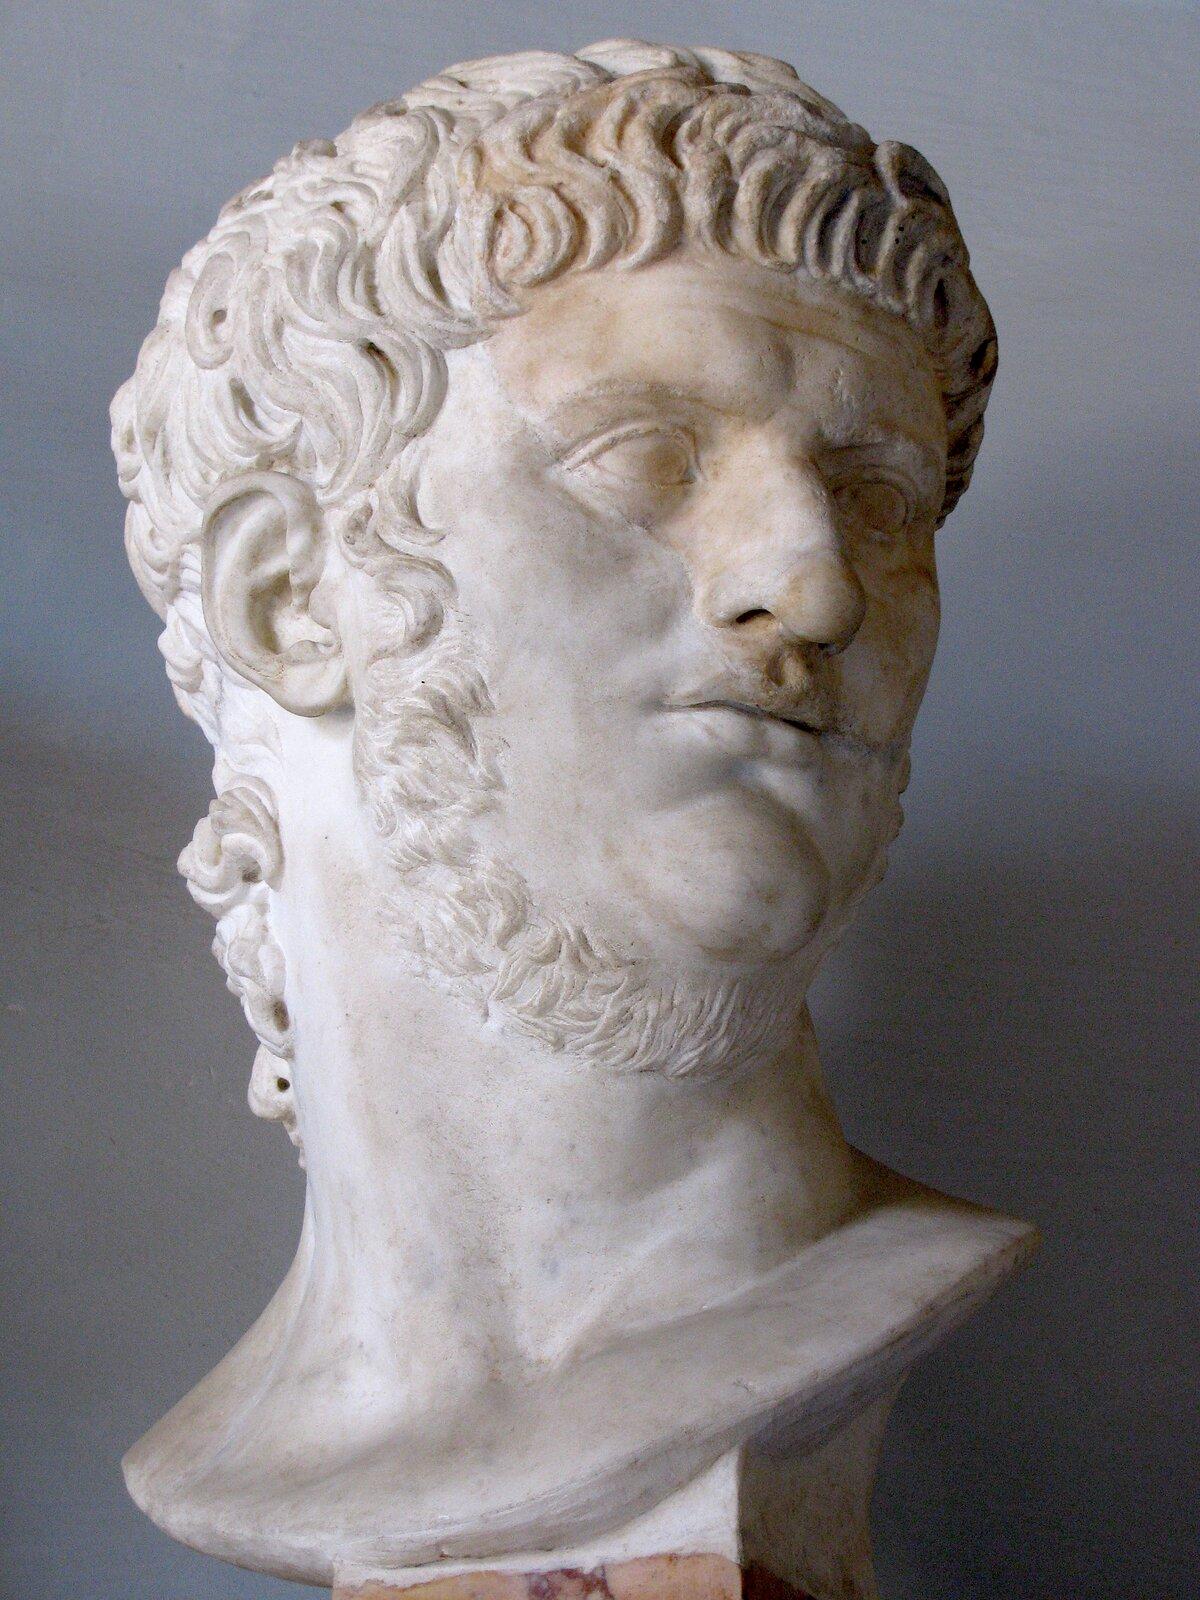 Ilustracja przedstawia głowę Nerona wykutą wmarmurze. Cesarz przedstawiony jest jako młody człowiek. Głowę ma okrągłą, raczej drobną; szyja jest nieproporcjonalnie szeroka isilna. Włosy ułożone są misternie wokół twarzy. Ma drobne usta, kształtny nos, nieduże oczy, wystający podbródek ilekko odstające uszy.